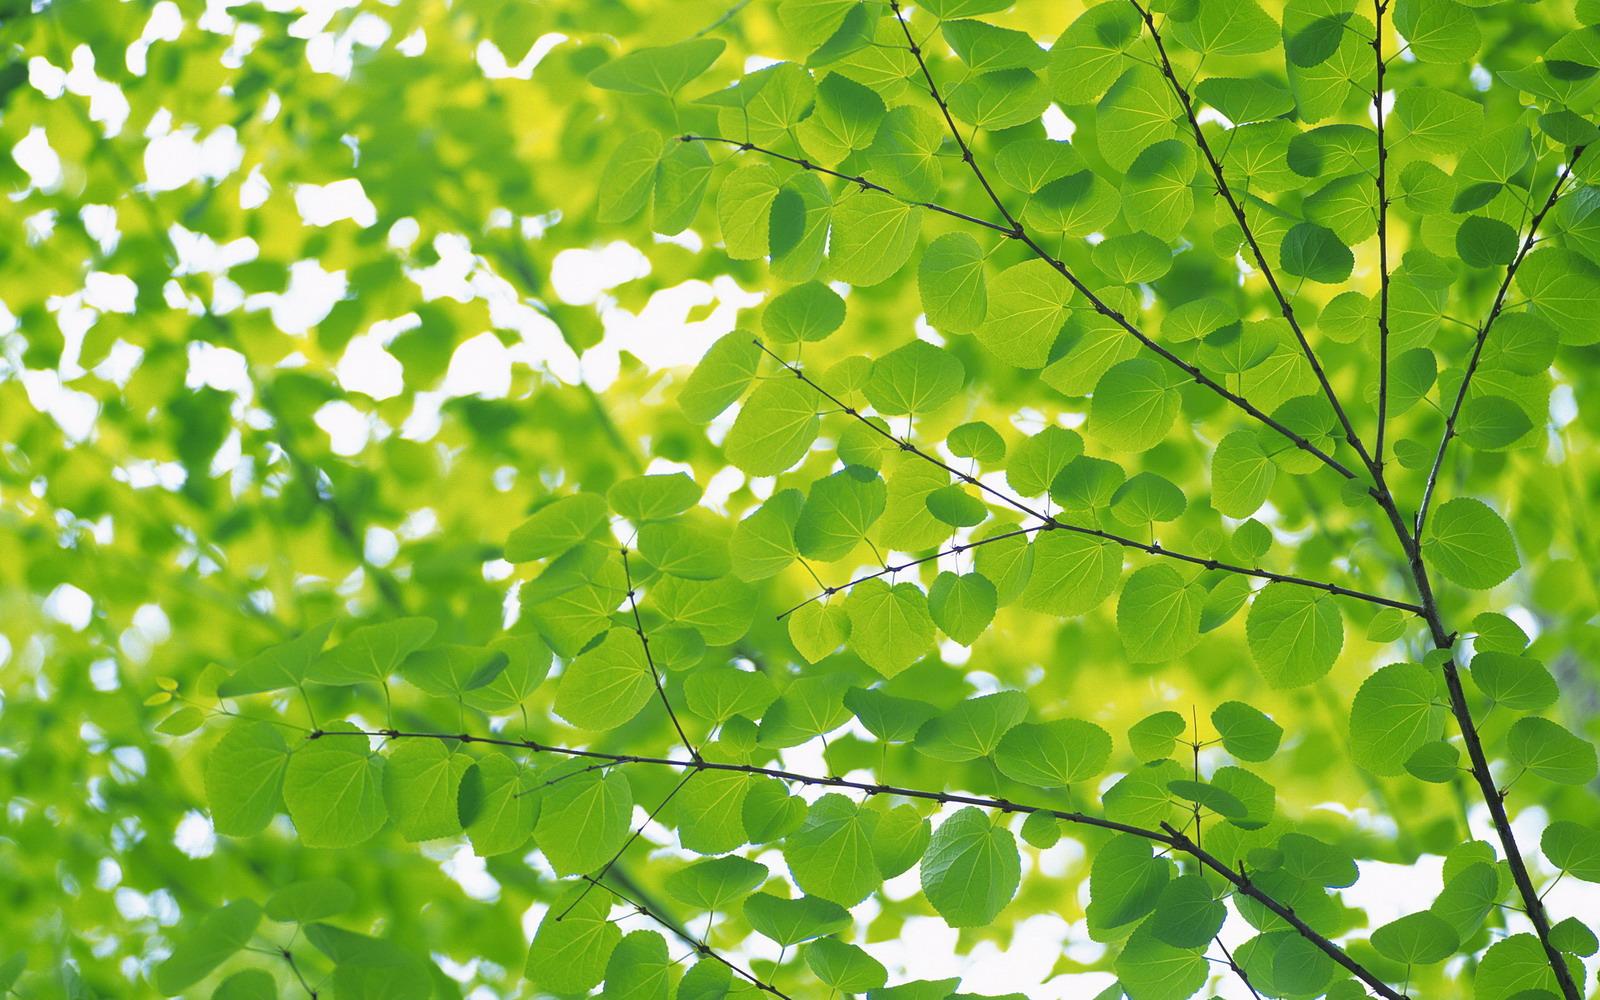 Wallpaper Groene blaadjes - Groene blaadjes: www.kids-n-fun.nl/Wallpaper/Groene-blaadjes/2686/Groene-blaadjes